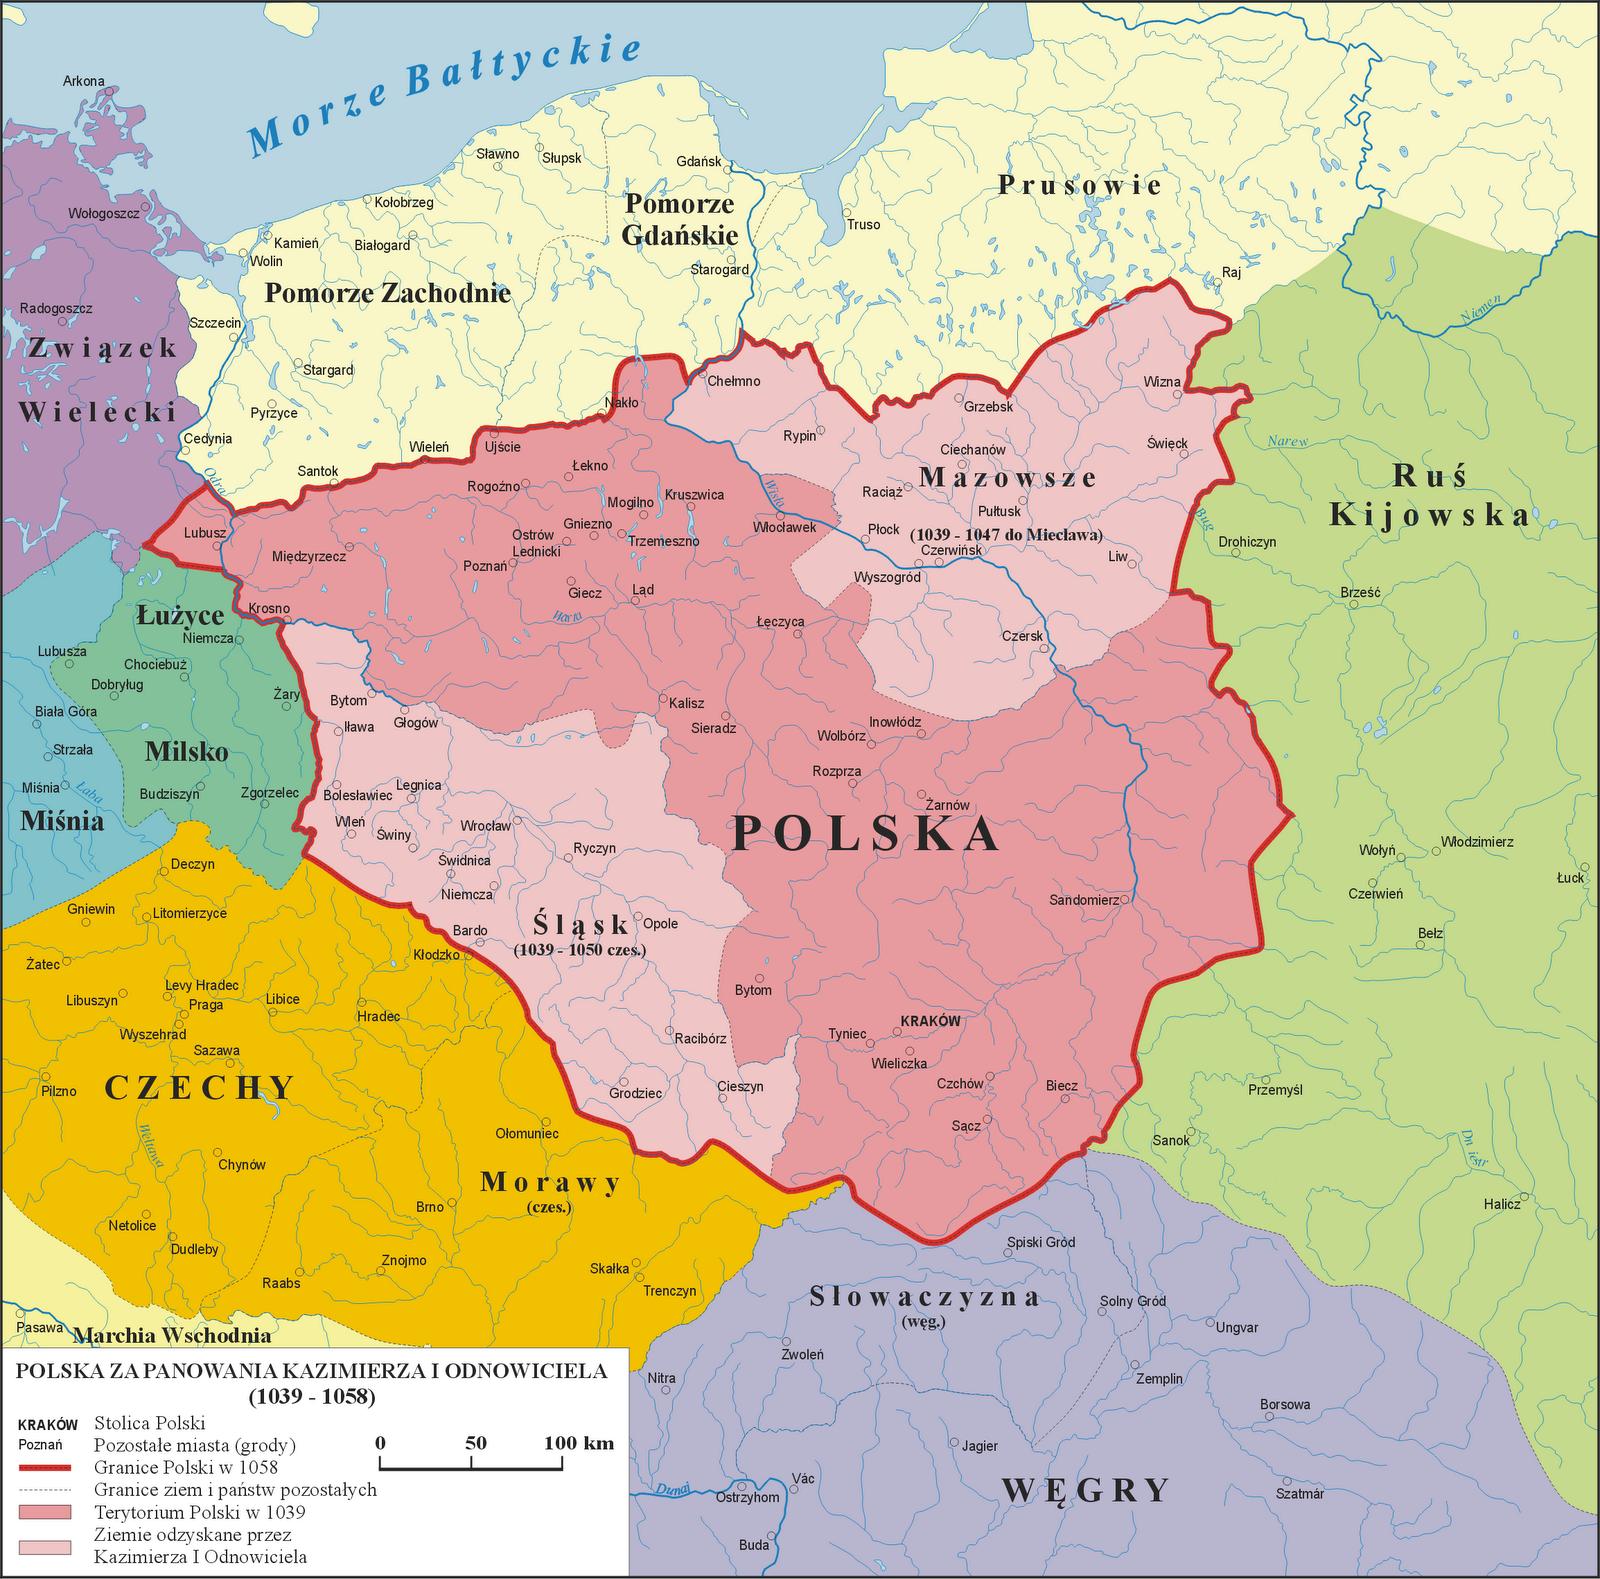 Mapa Polski za panowania Kazimierza Odnowiciela